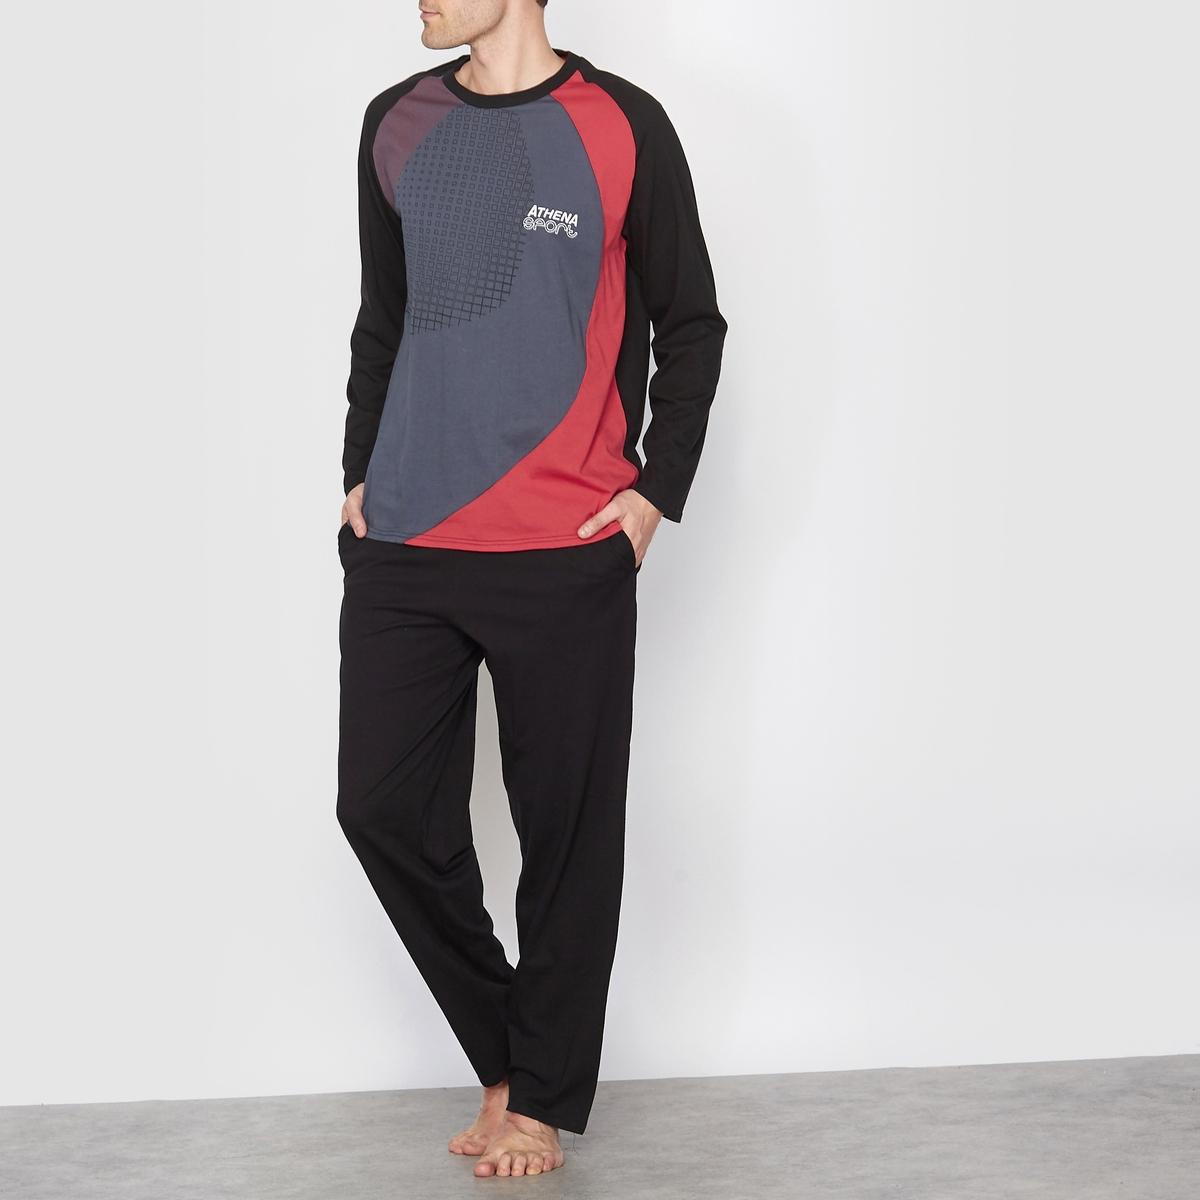 Пижама трёхцветная из джерсиСостав и описание:Материал: 100% хлопка.Марка: ATH?NA.<br><br>Цвет: черный/ красный